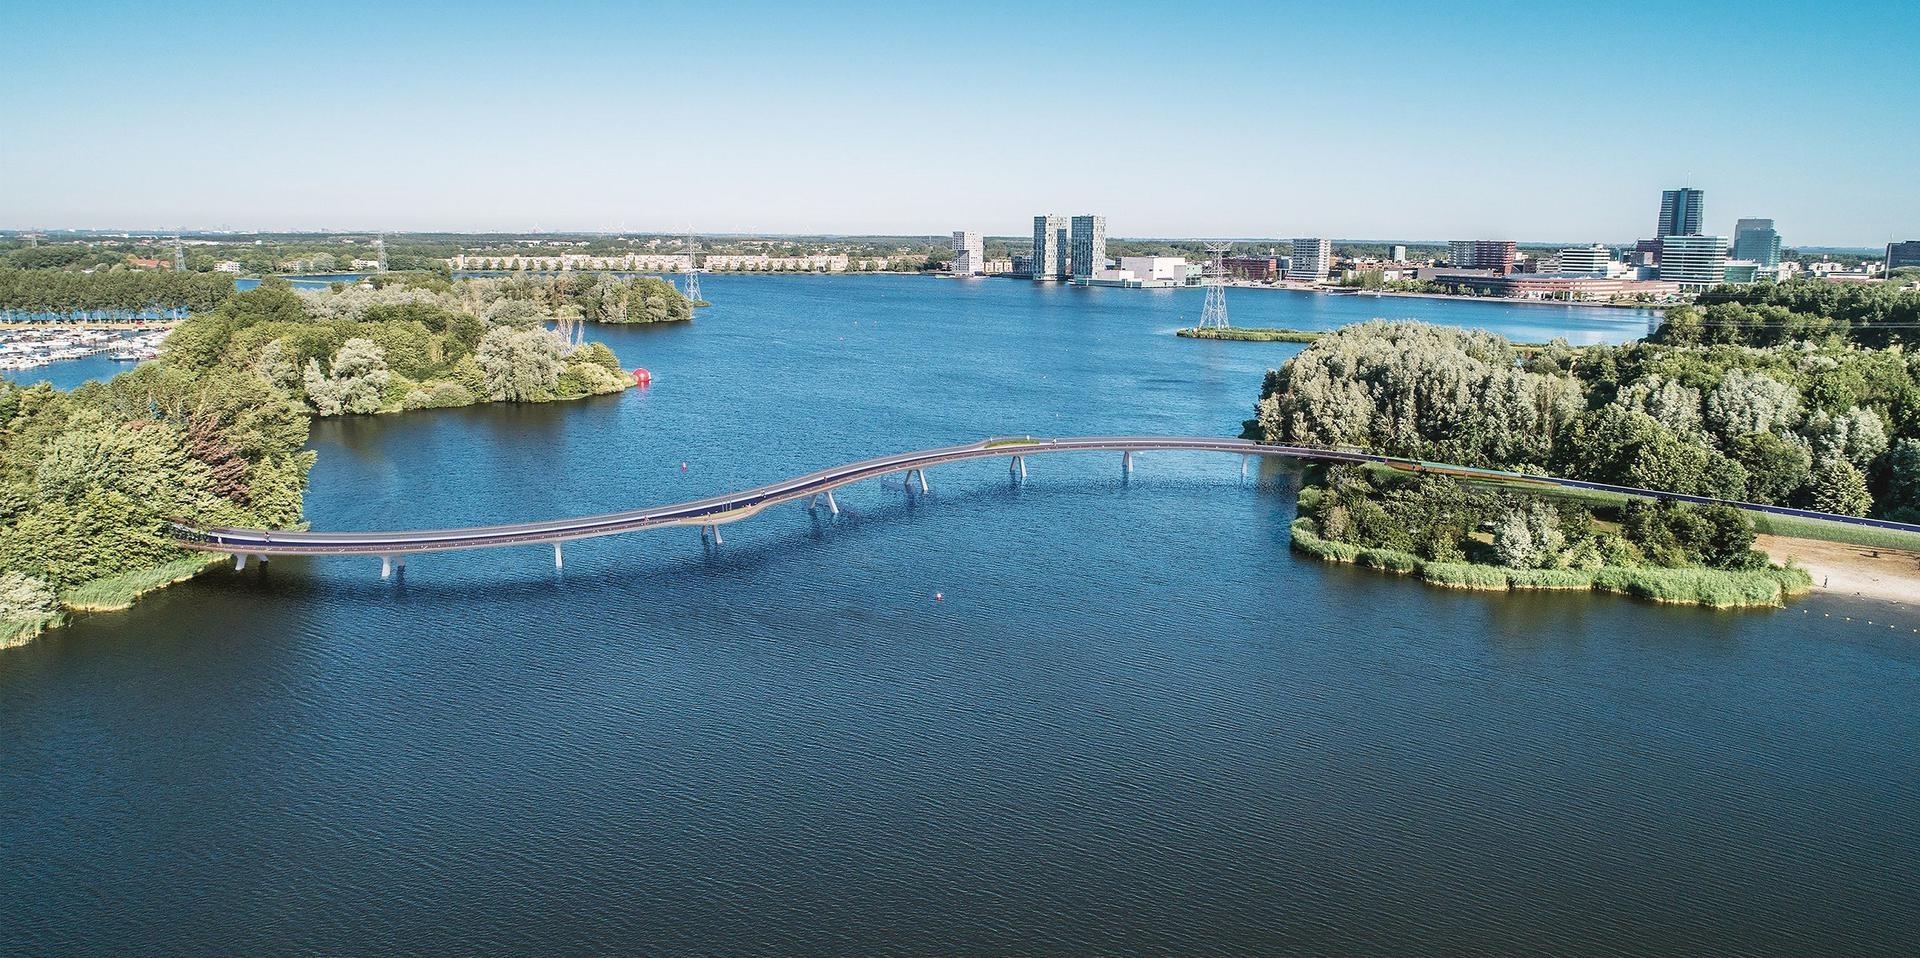 Foto Weerwaterbrug